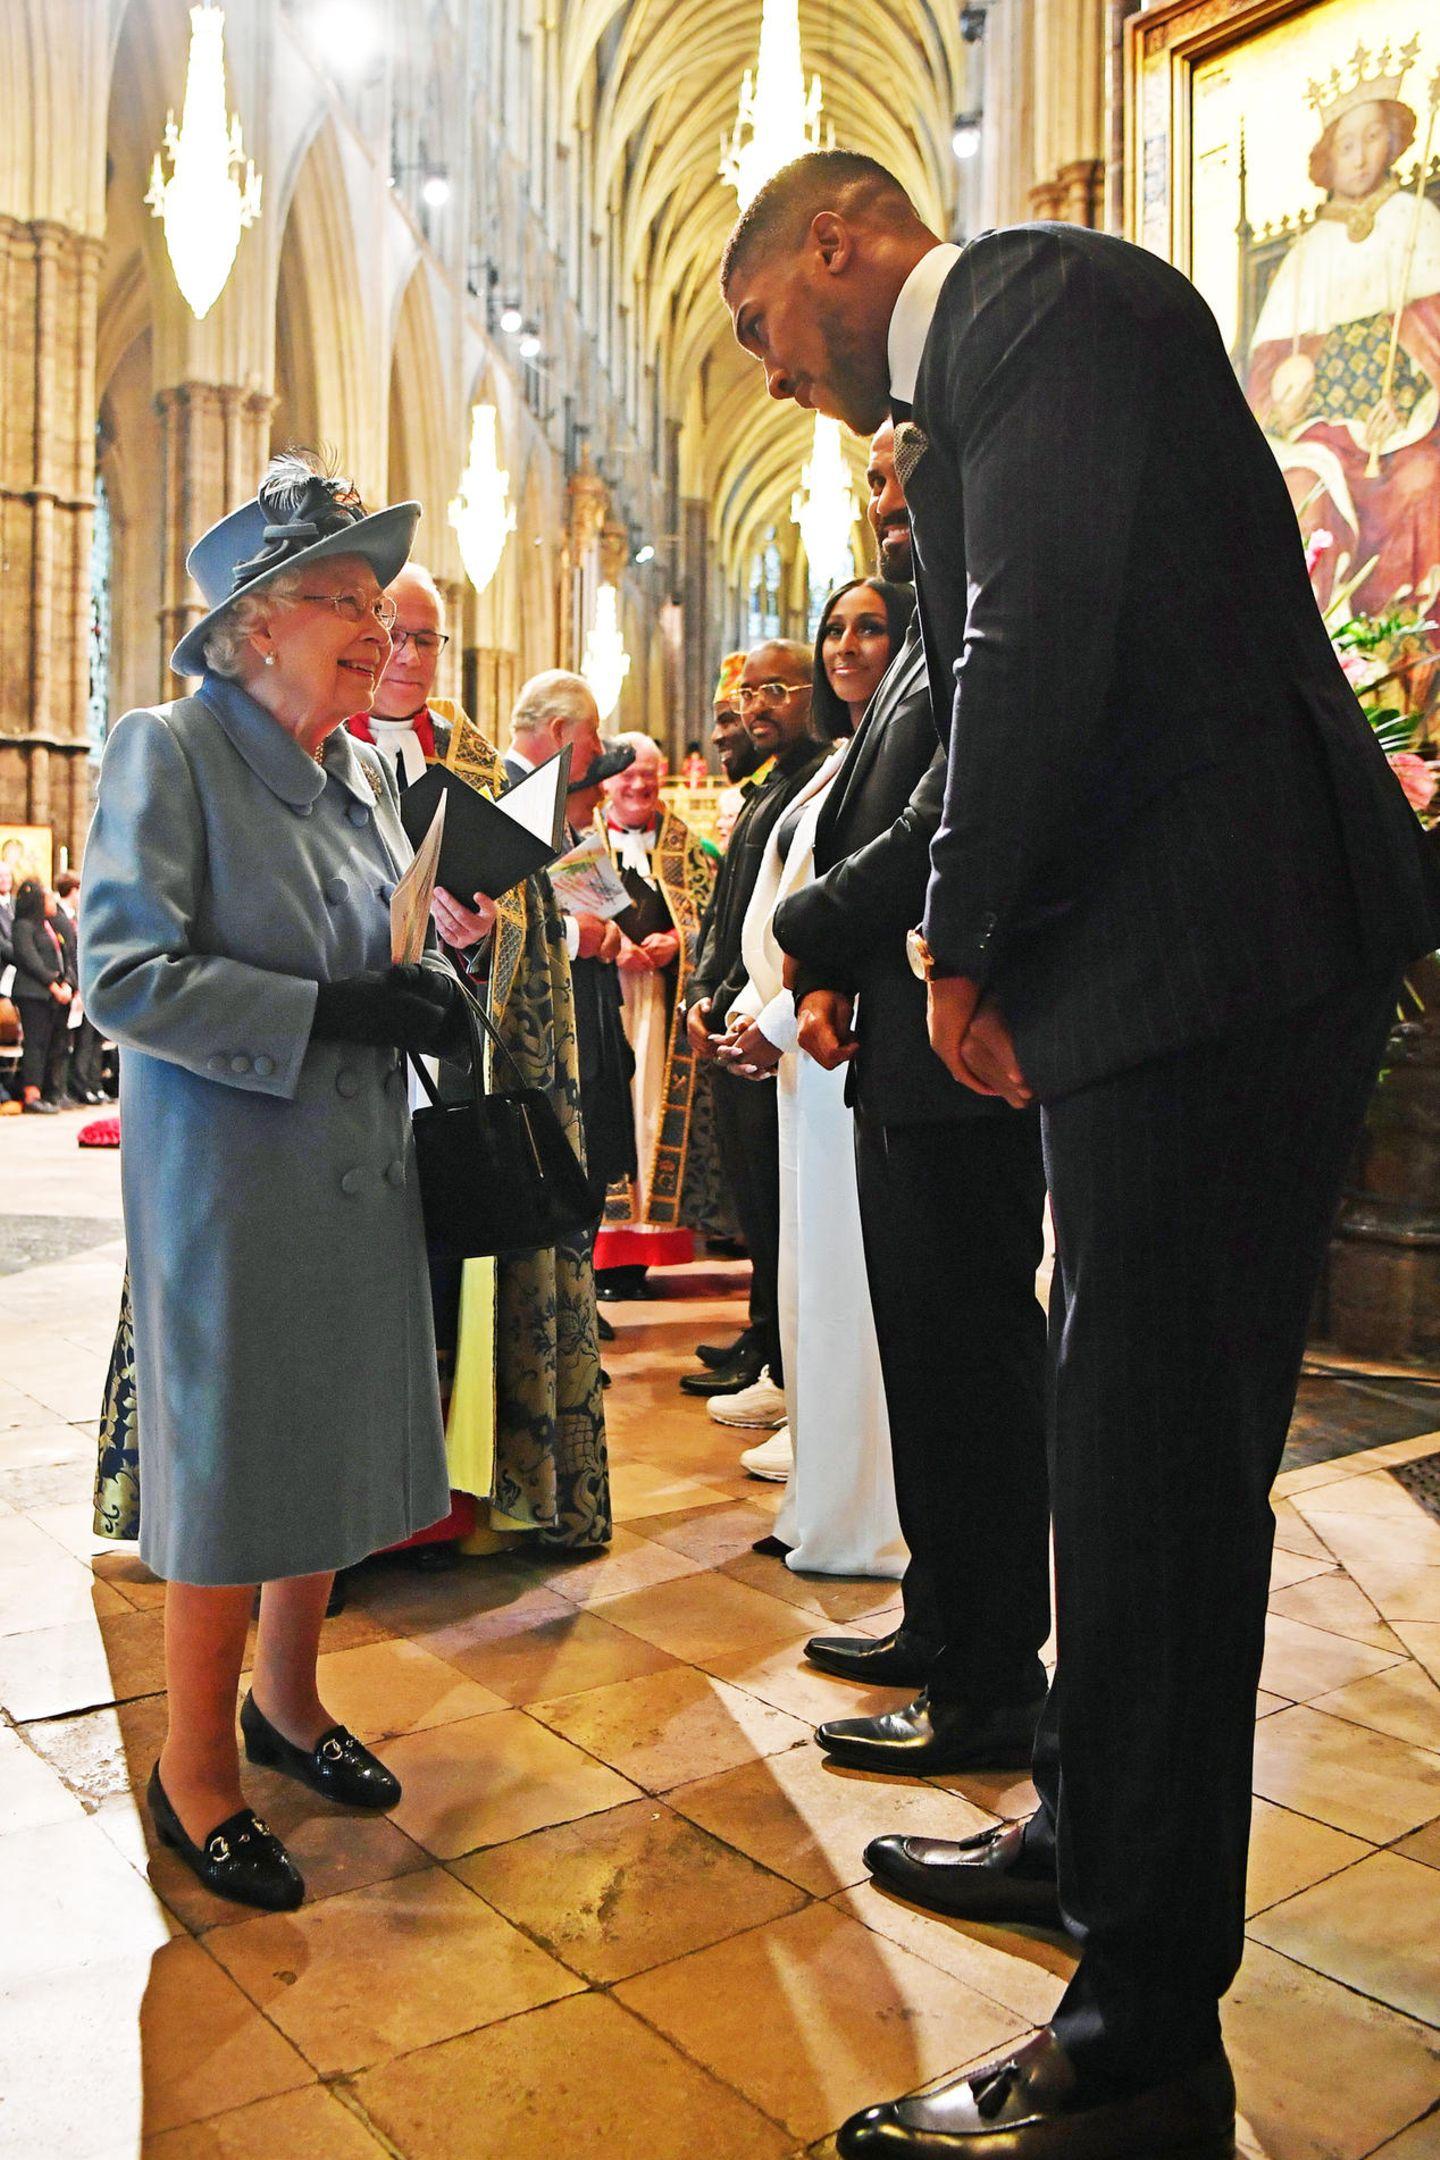 """29. Mai 2020  Stell' dir vor, du triffst die Queen - und trittst ins royale Protokoll-Fettnäpfchen. Das ist dem britischen Boxer Anthony Joshua passiert, der die große Ehre hatte, Queen Elizabeth am 9. März in der Londoner Westminster Abbey zu treffen. Der Zeitung """"The Sun"""" erzählt er jetzt, fast drei Monate später:""""Ich sagte nur 'Hallo' und fragte: 'Wie geht es Ihnen?'Und dann sagte ich:'Ich weiß, dass Sie extrem beschäftigt , also werde ich Sie nicht zu lange aufhalten'.Und ich sagte ihr, dass ihr Kleid wirklich gut zu ihren Augen passt."""" Die Queen zu fragen, wie es ihr geht - da sträuben sich dem Protokollchef die Haare. Persönliche Fragen sind tabu. Der Königin ein Kompliment zu ihrem Aussehen machen - wirklich nett gemeint, aber auch solche Schmeicheleien sollte man tunlichst vermeiden. Ganz schön streng,das royale Protokoll! Das weiß sicher auch die Queen und sieht über kleine Brüche galant hinweg.Joshua betont unterdessen, seine Worte seien nicht """"flirty"""" gemeint gewesen."""